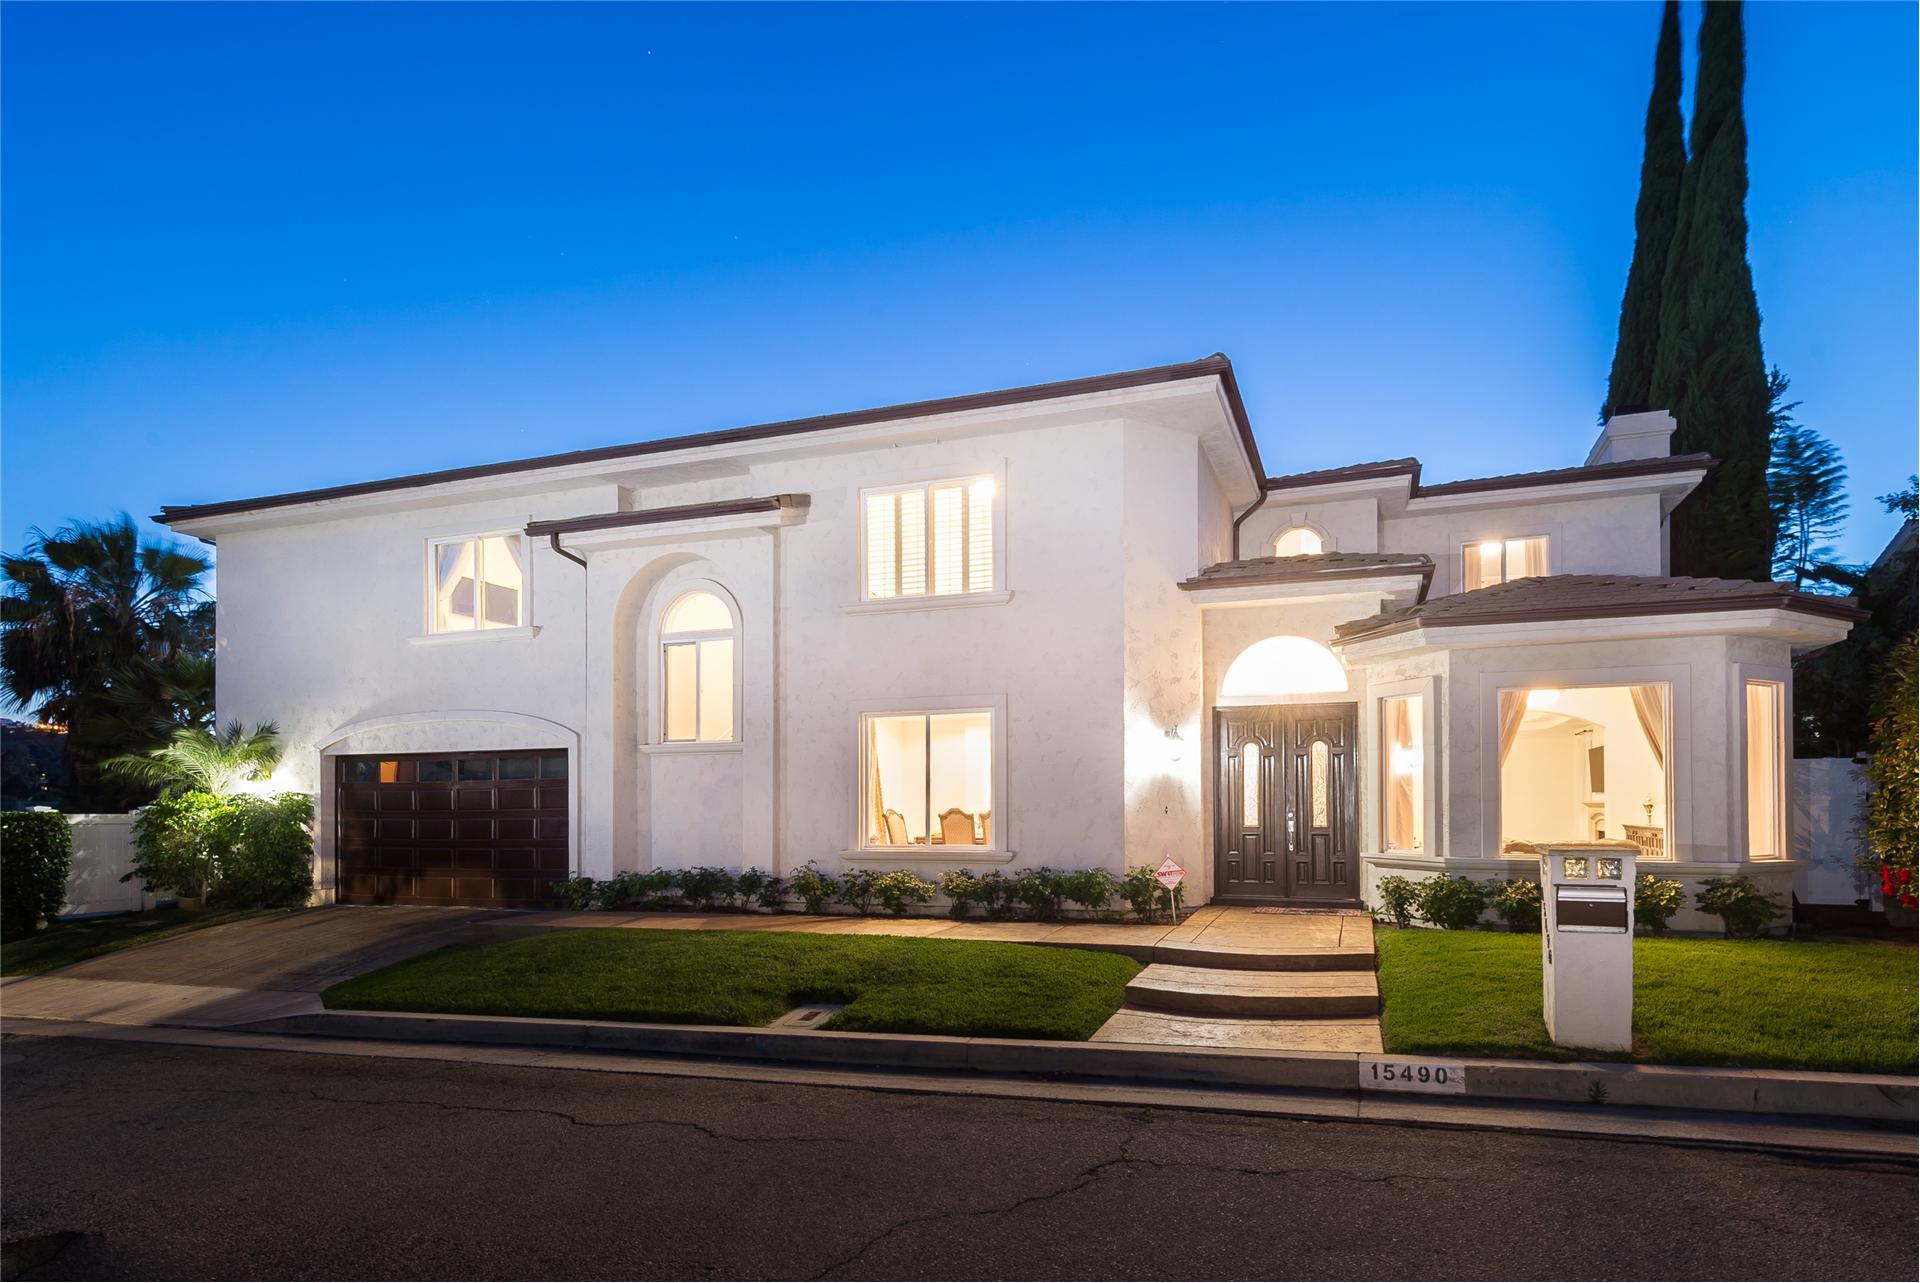 15490 BRIARWOOD Drive - Sherman Oaks, California